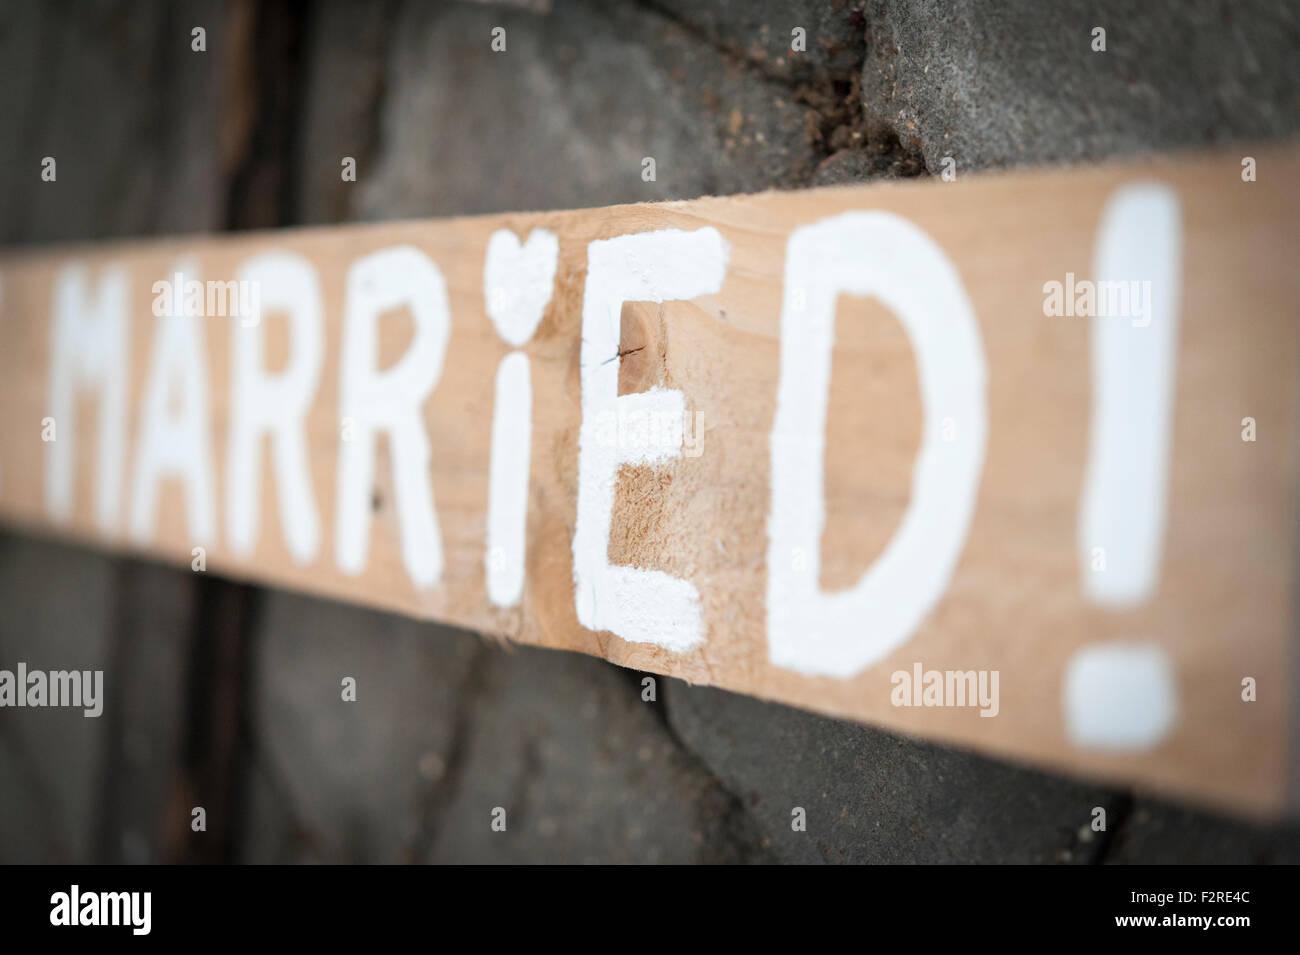 Eine Handgemachte Holzerne Hochzeit Zeichen Mit Dem Wort Verheiratet